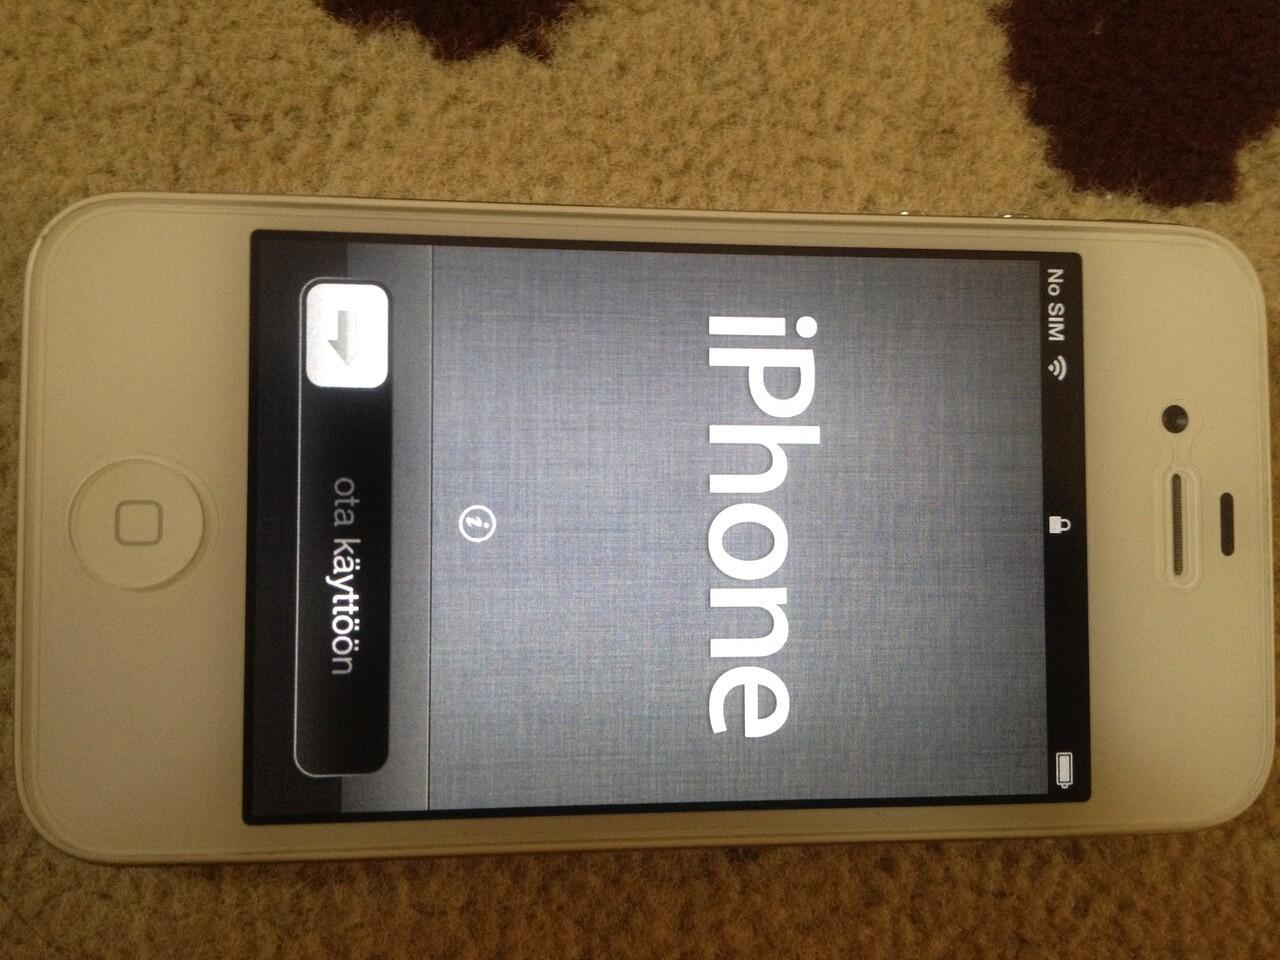 Jual iphone 4 white 16 Gb Ex-bundling XL (Resmi) Mulus Lokasi Semarang